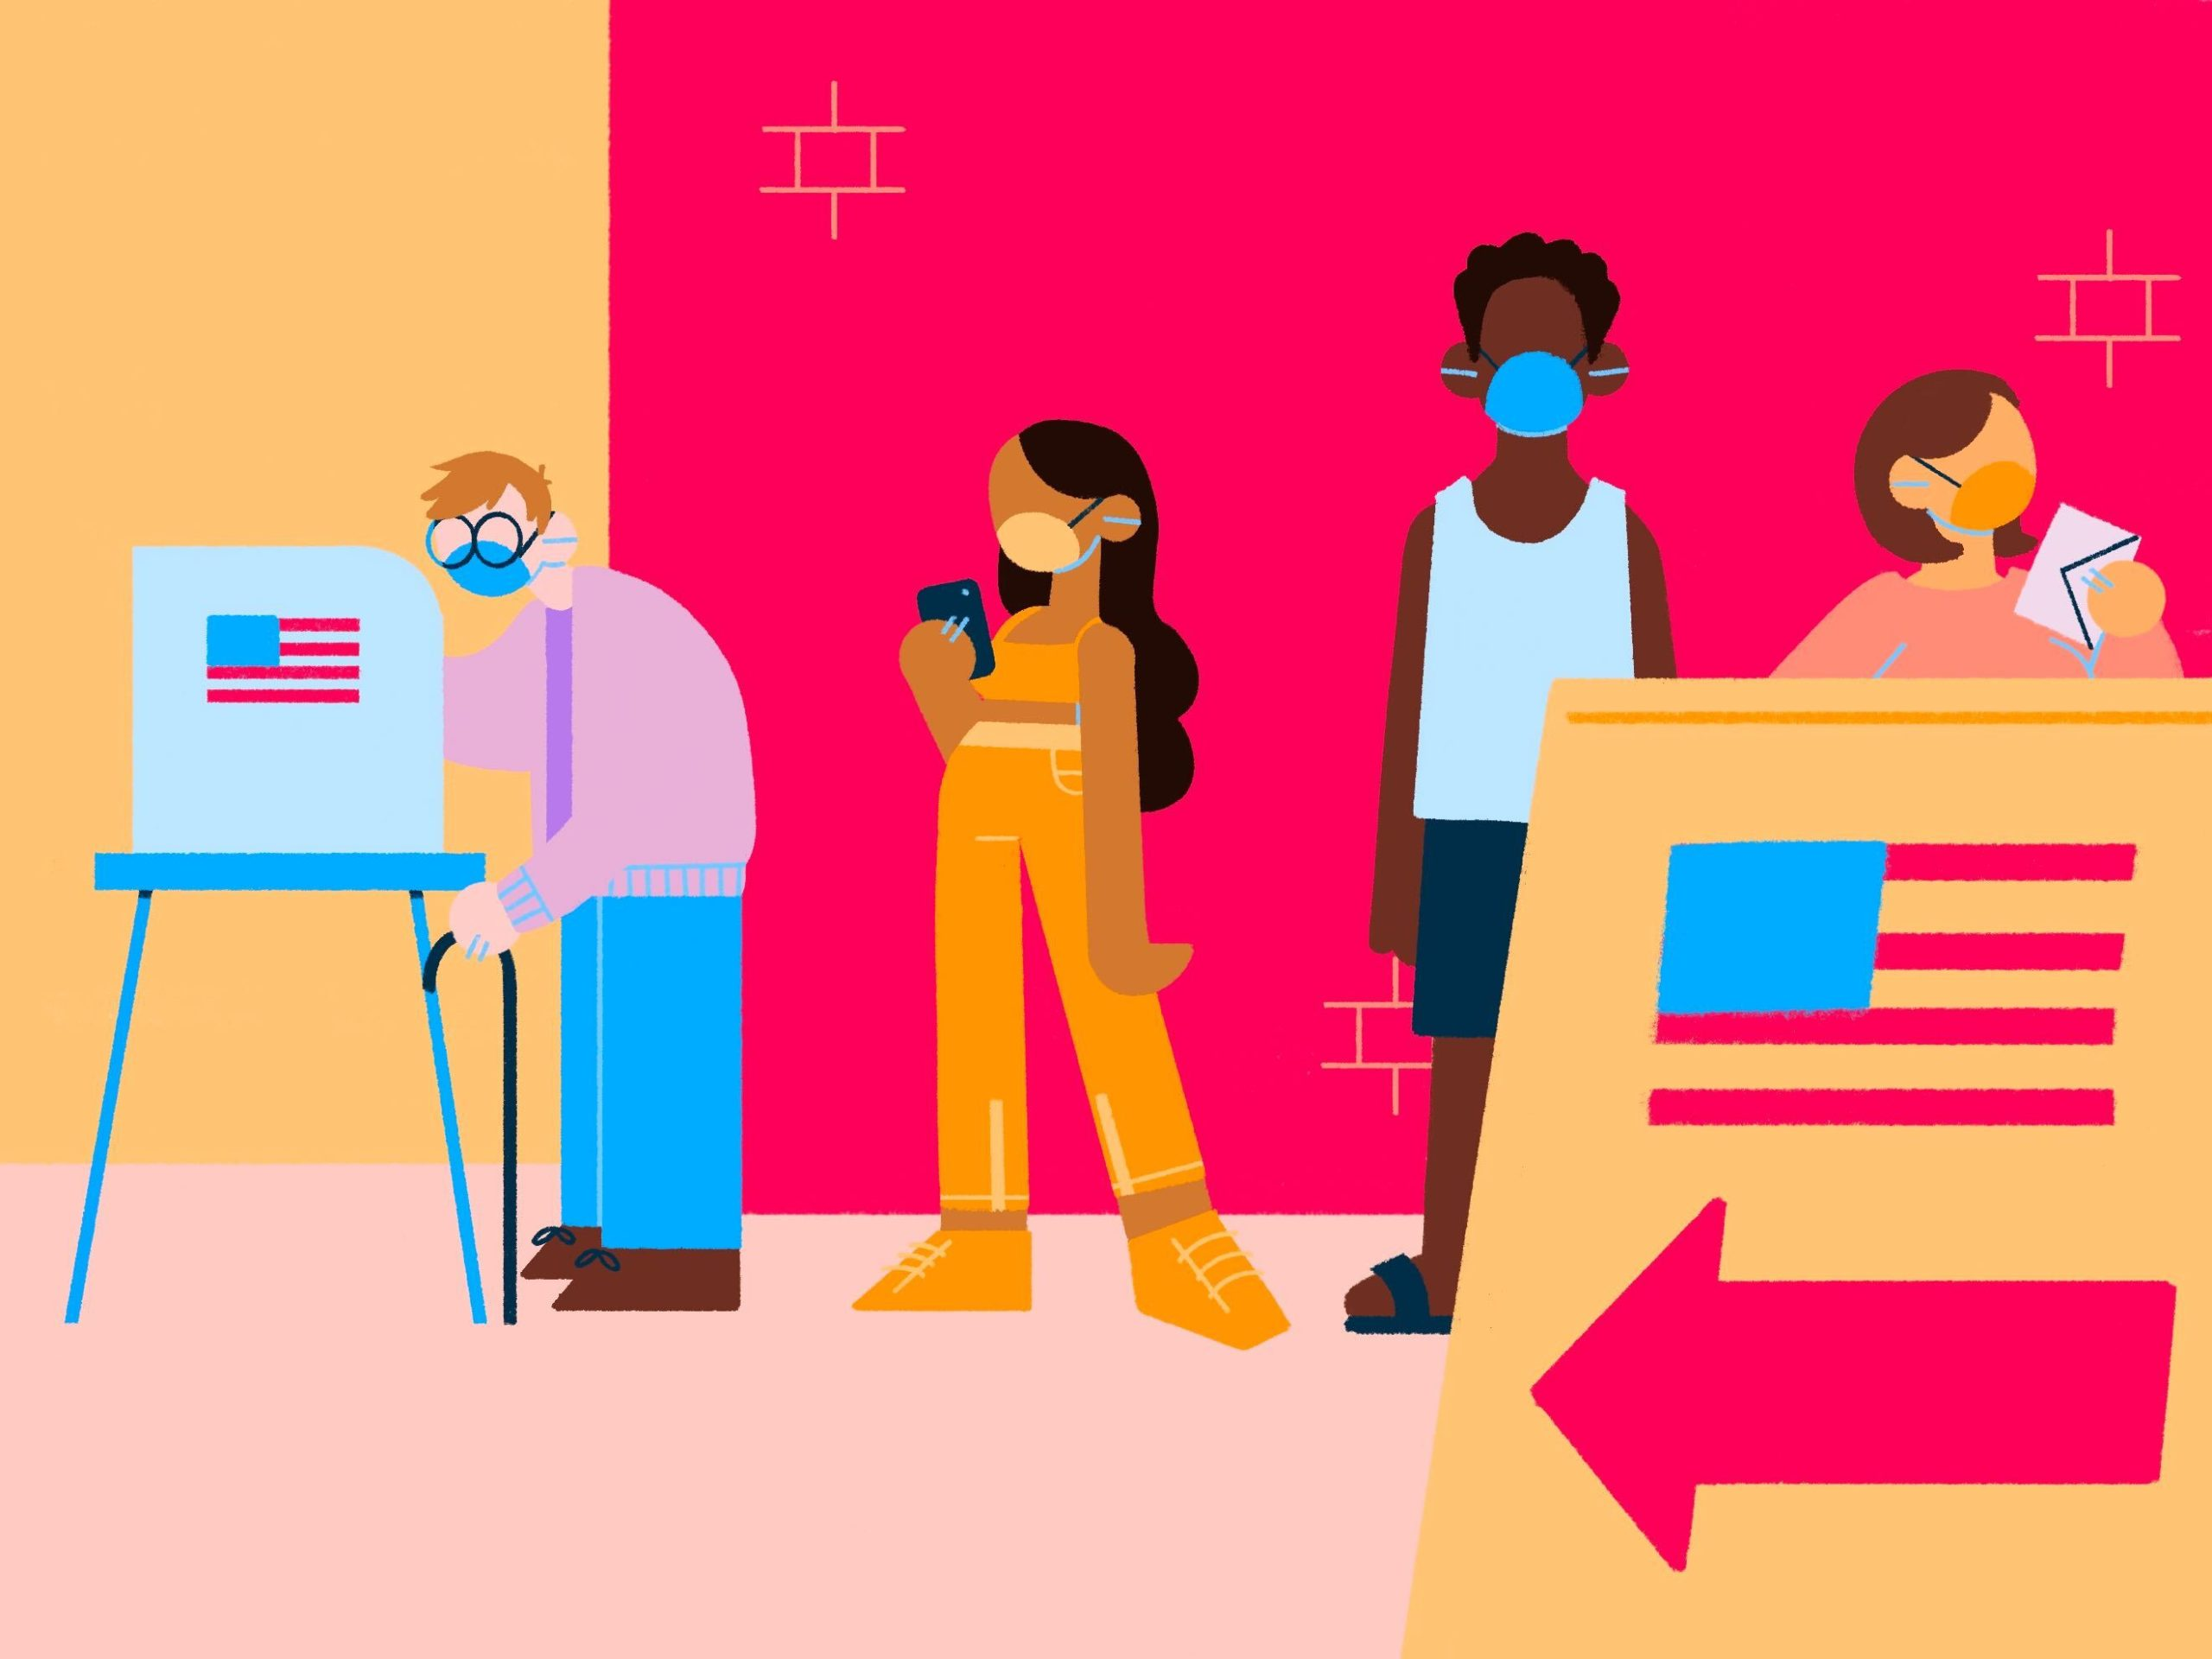 Illustration of LA's high voter turnout